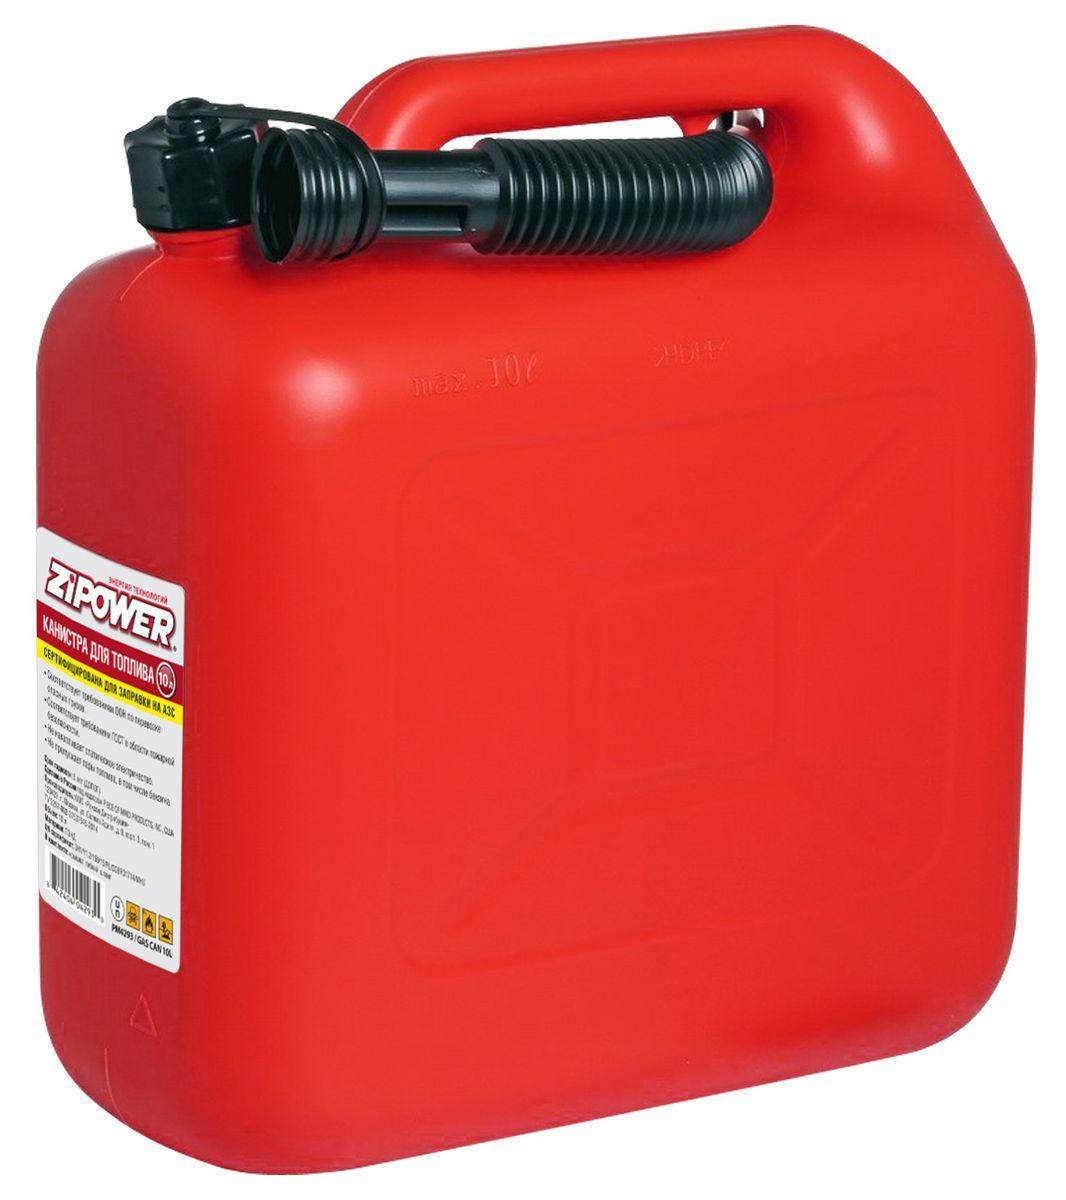 Канистра для топлива Zipower, цвет: красный, 10 лPM4293Канистры предназначены для хранения горюче-смазочных материалов. Канистры изготовлены из первичного сырья ПЭНД и не накапливают статический заряд. Товар имеет европейский сертификат соответствия 3H1/Y1.2/150/15/PL/COBR01714/MHU, который позволяет производить заливку бензина в канистру и контактировать с металлическим пистолетом на АЗС.Все канистры укомплектовываются крышкой и гибким шлангом.